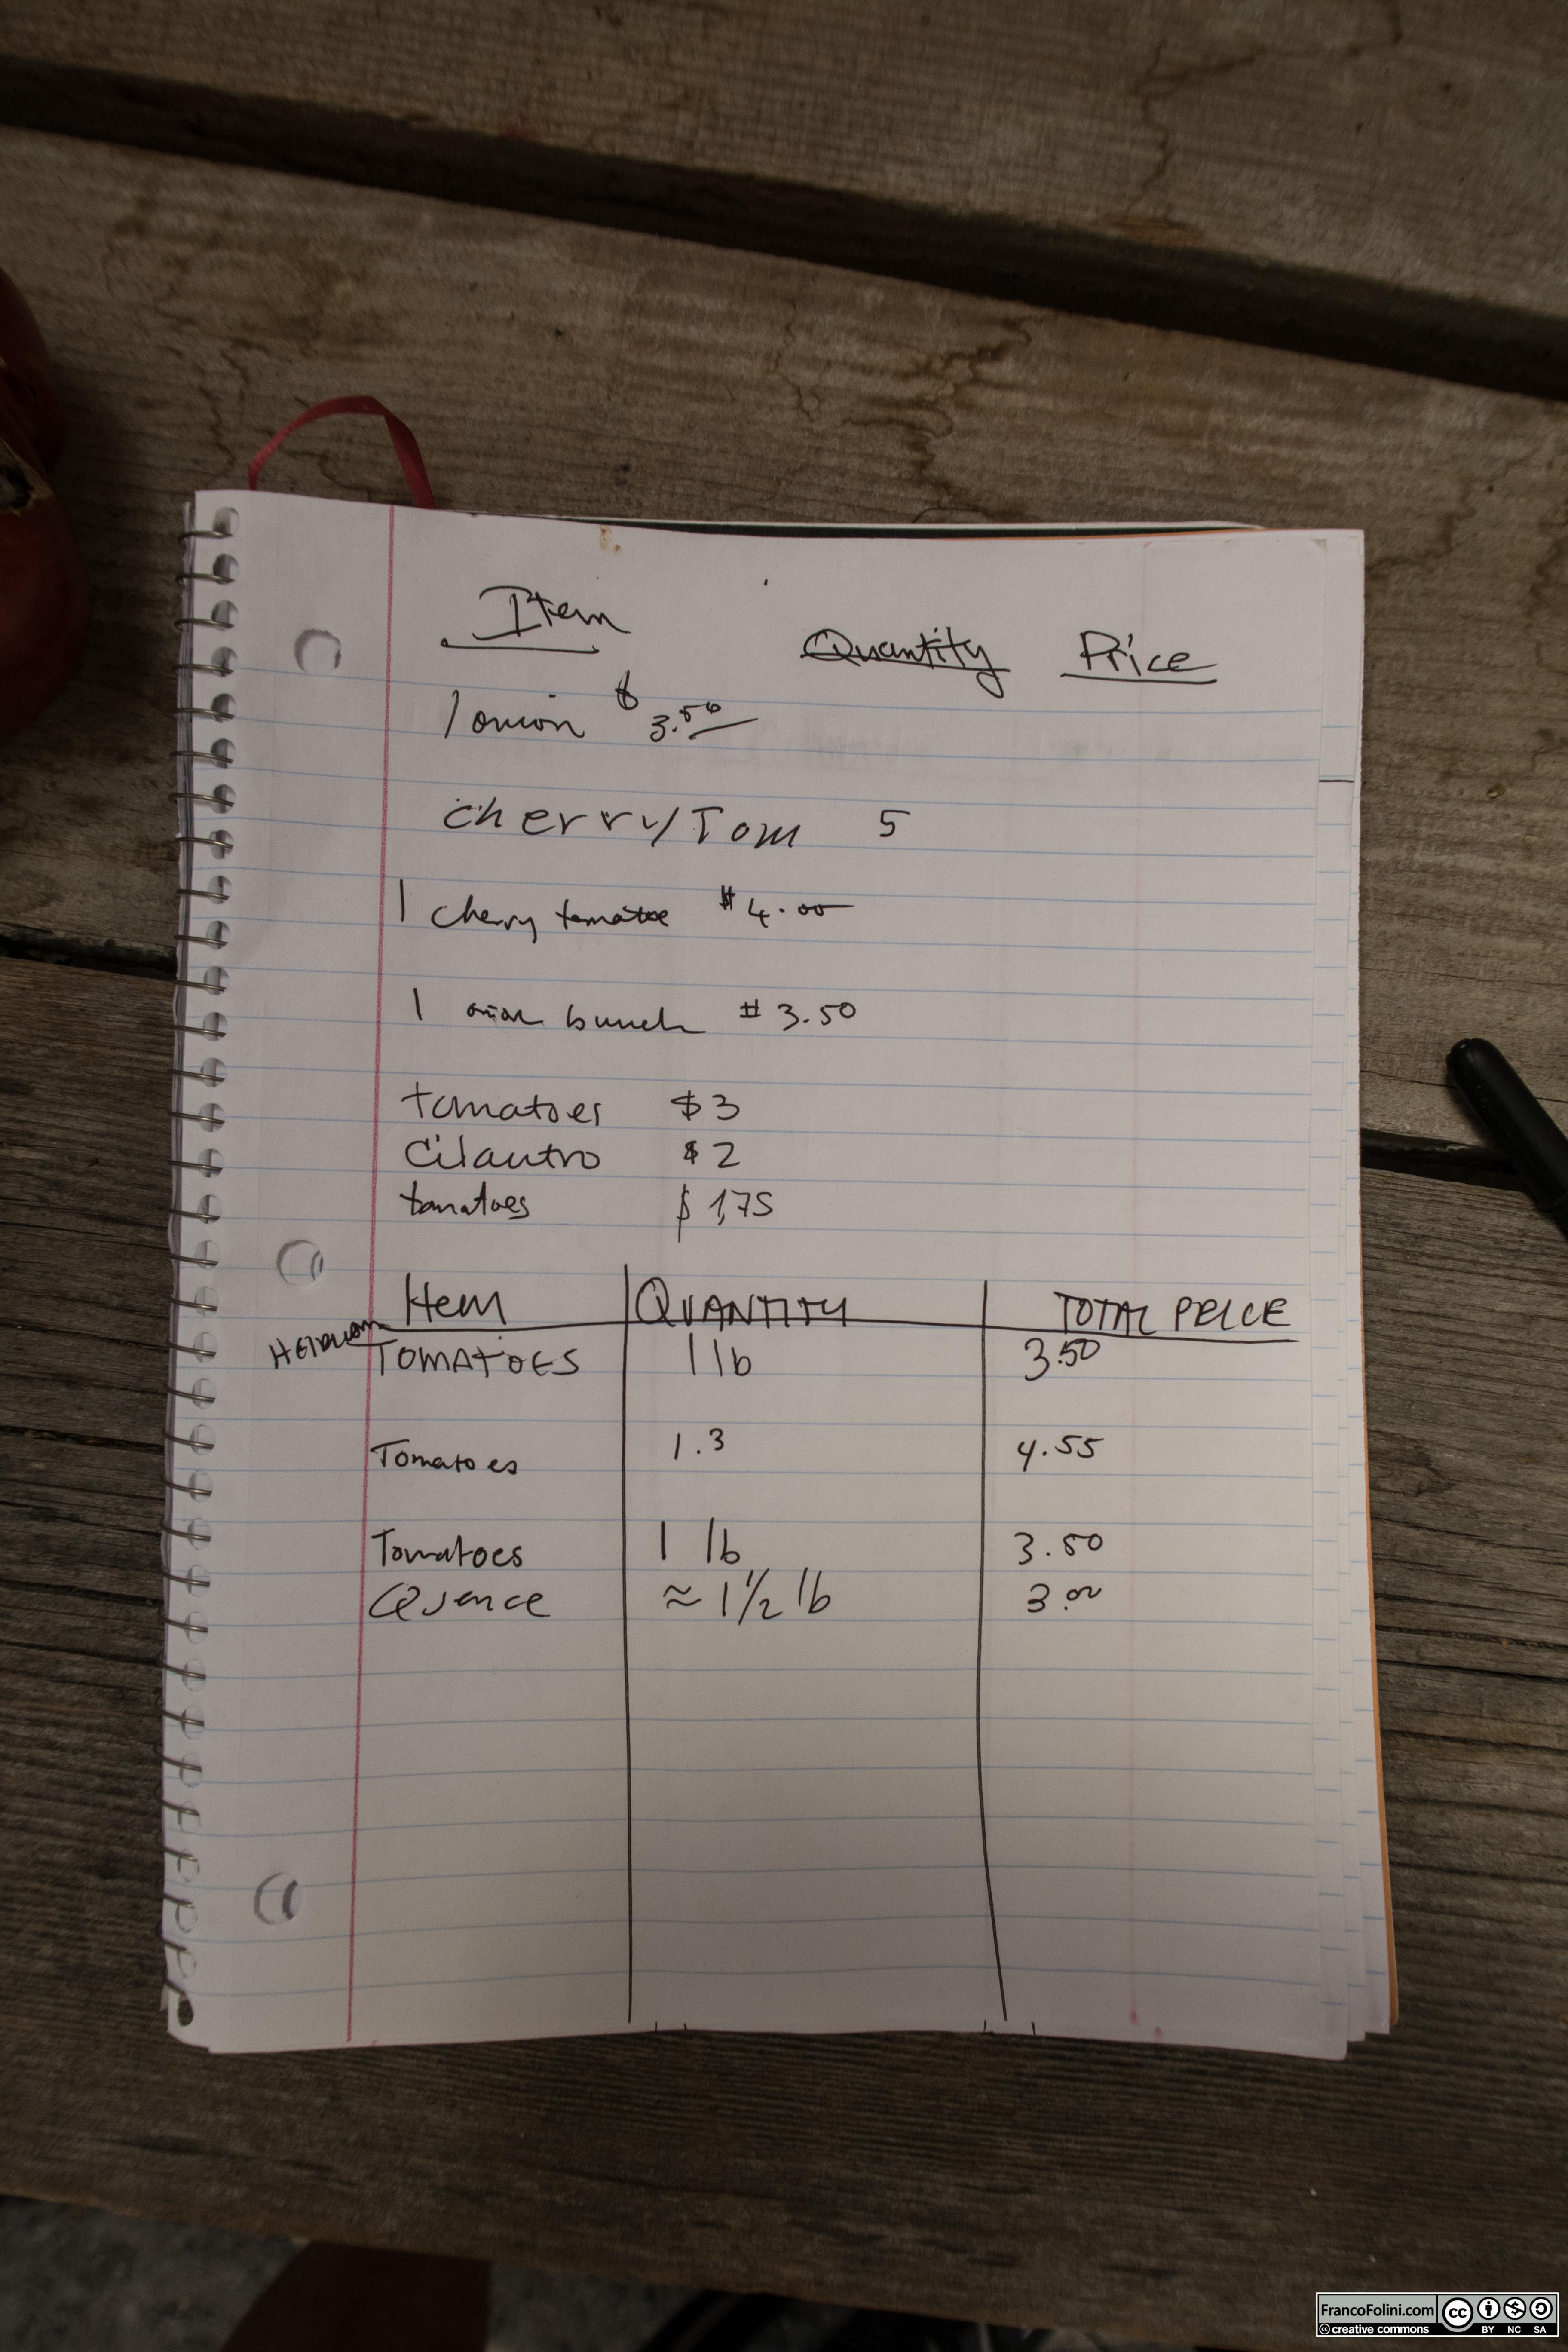 Il registro delle vendite del farm-stand